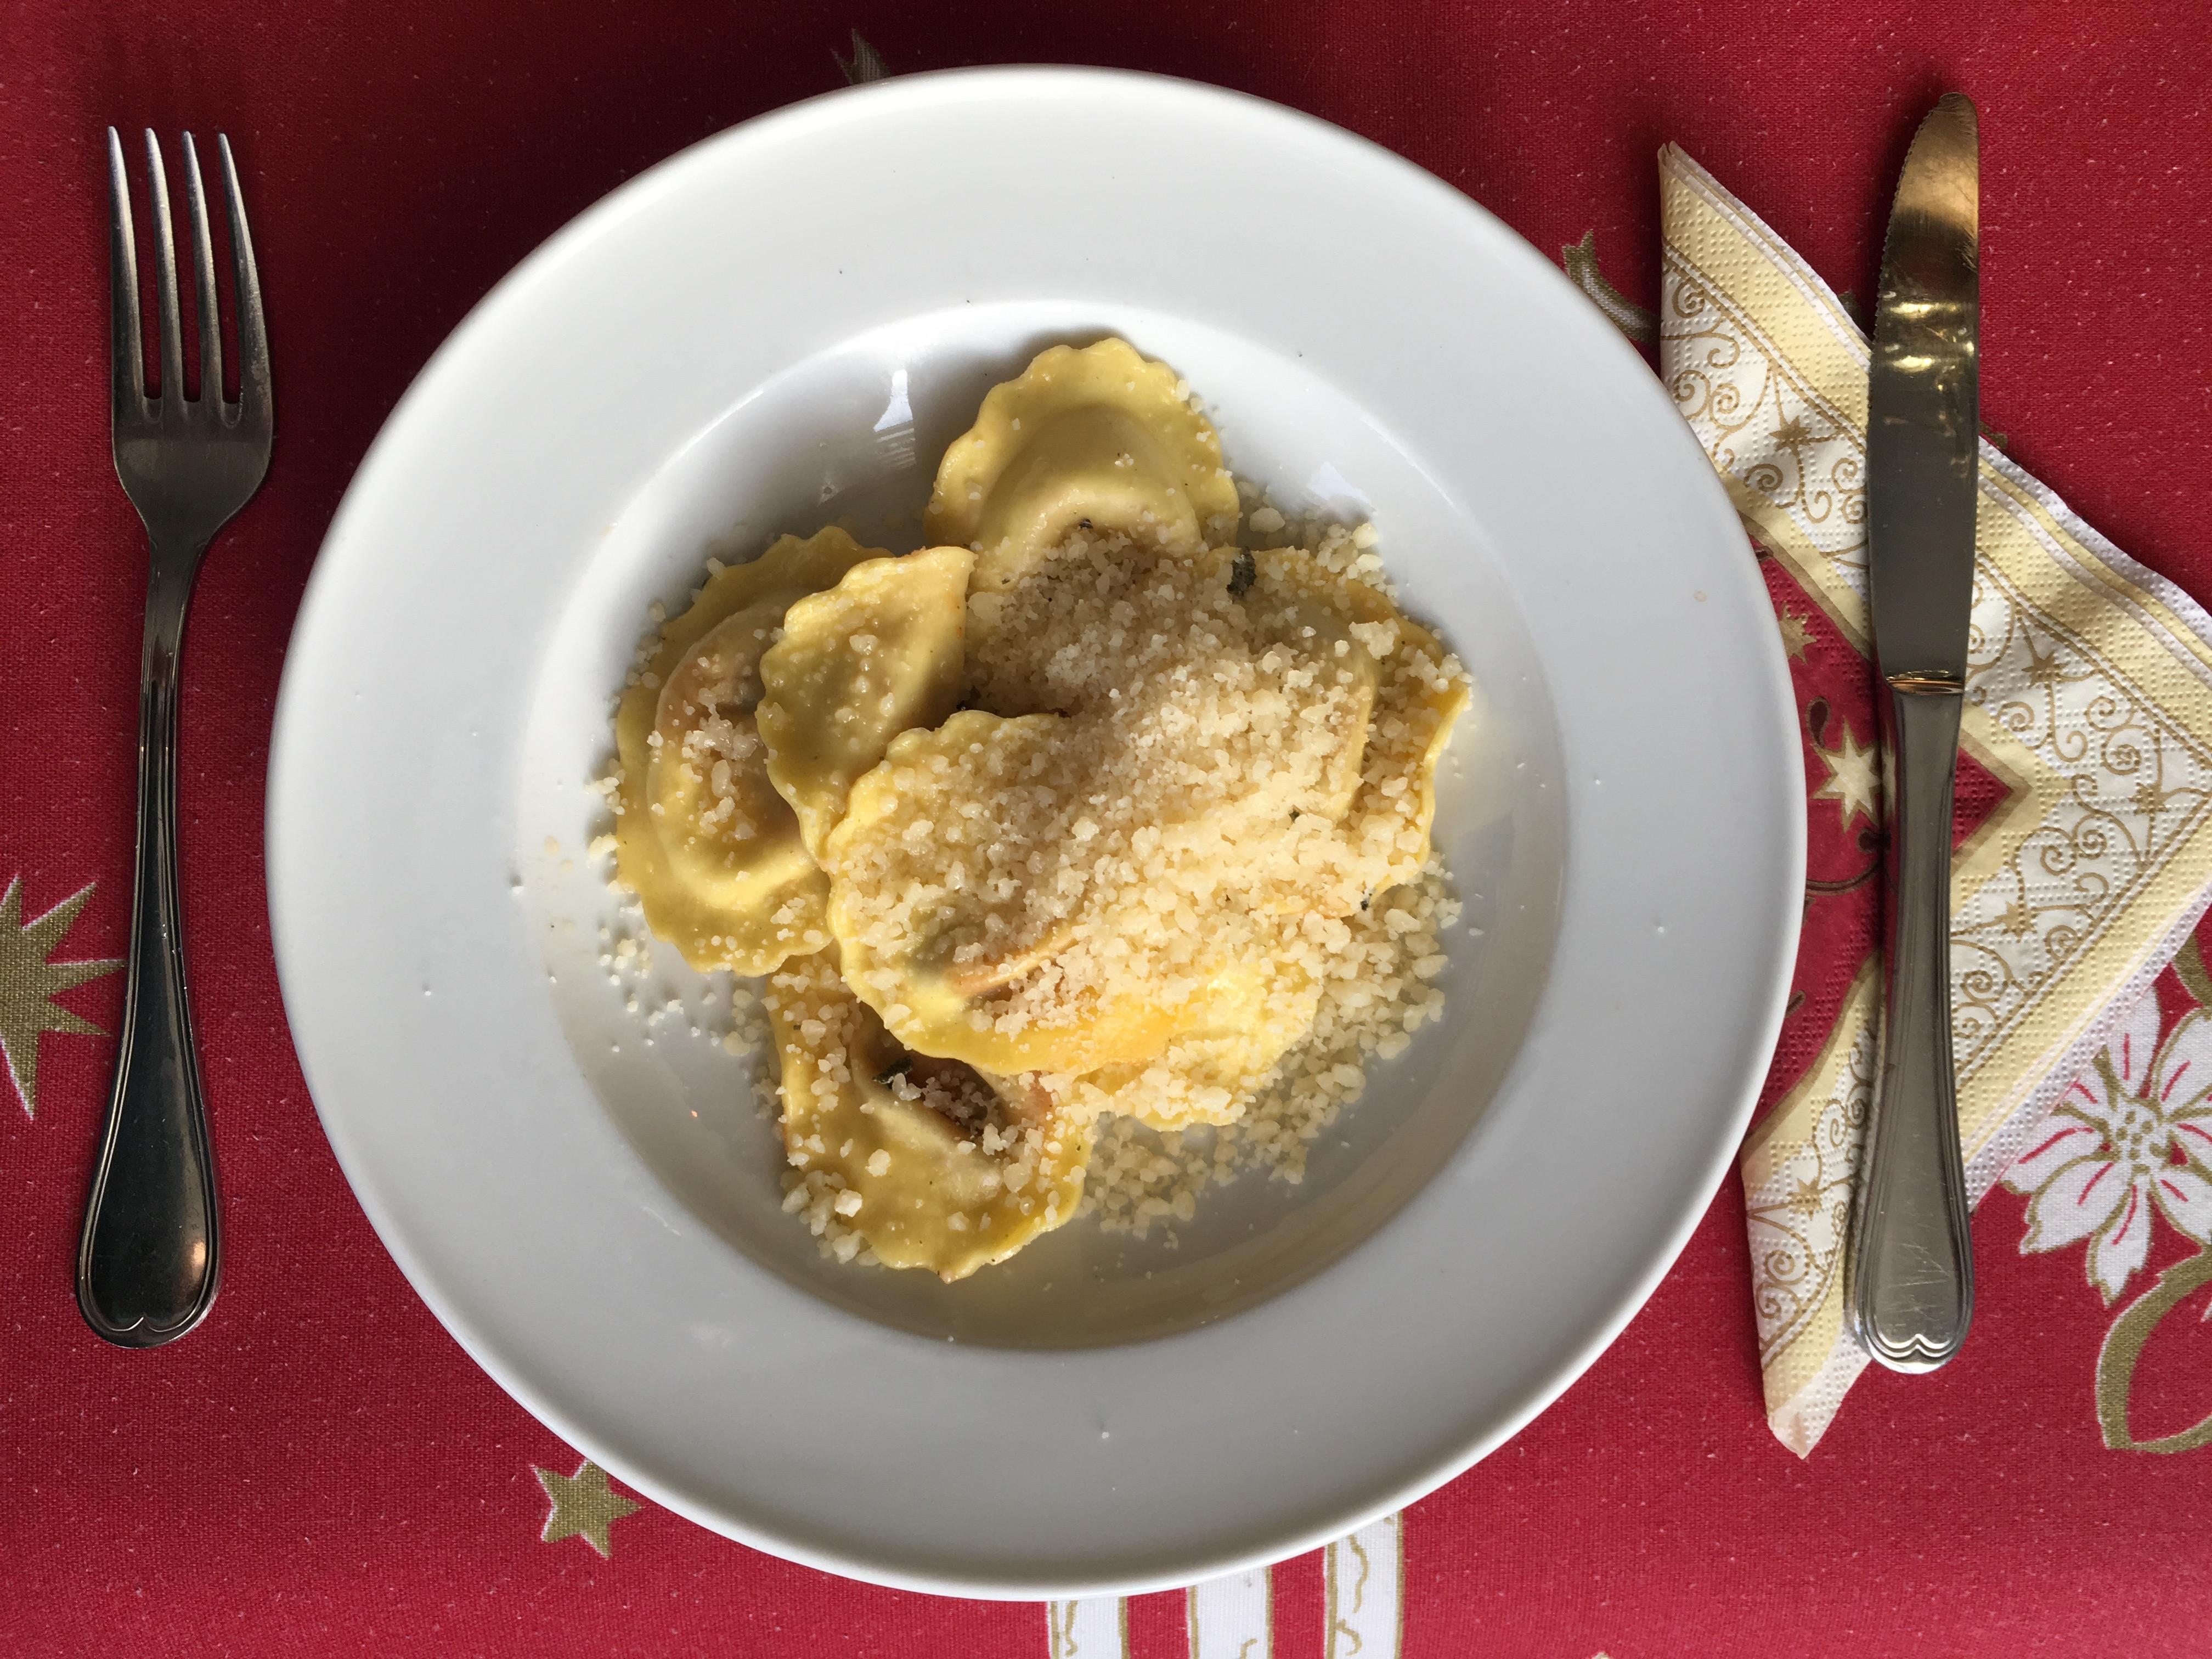 lifestyle-italienisches-weihnachtsessen-essen-weihnachten-heiligabend-weihnachtsmenue-7